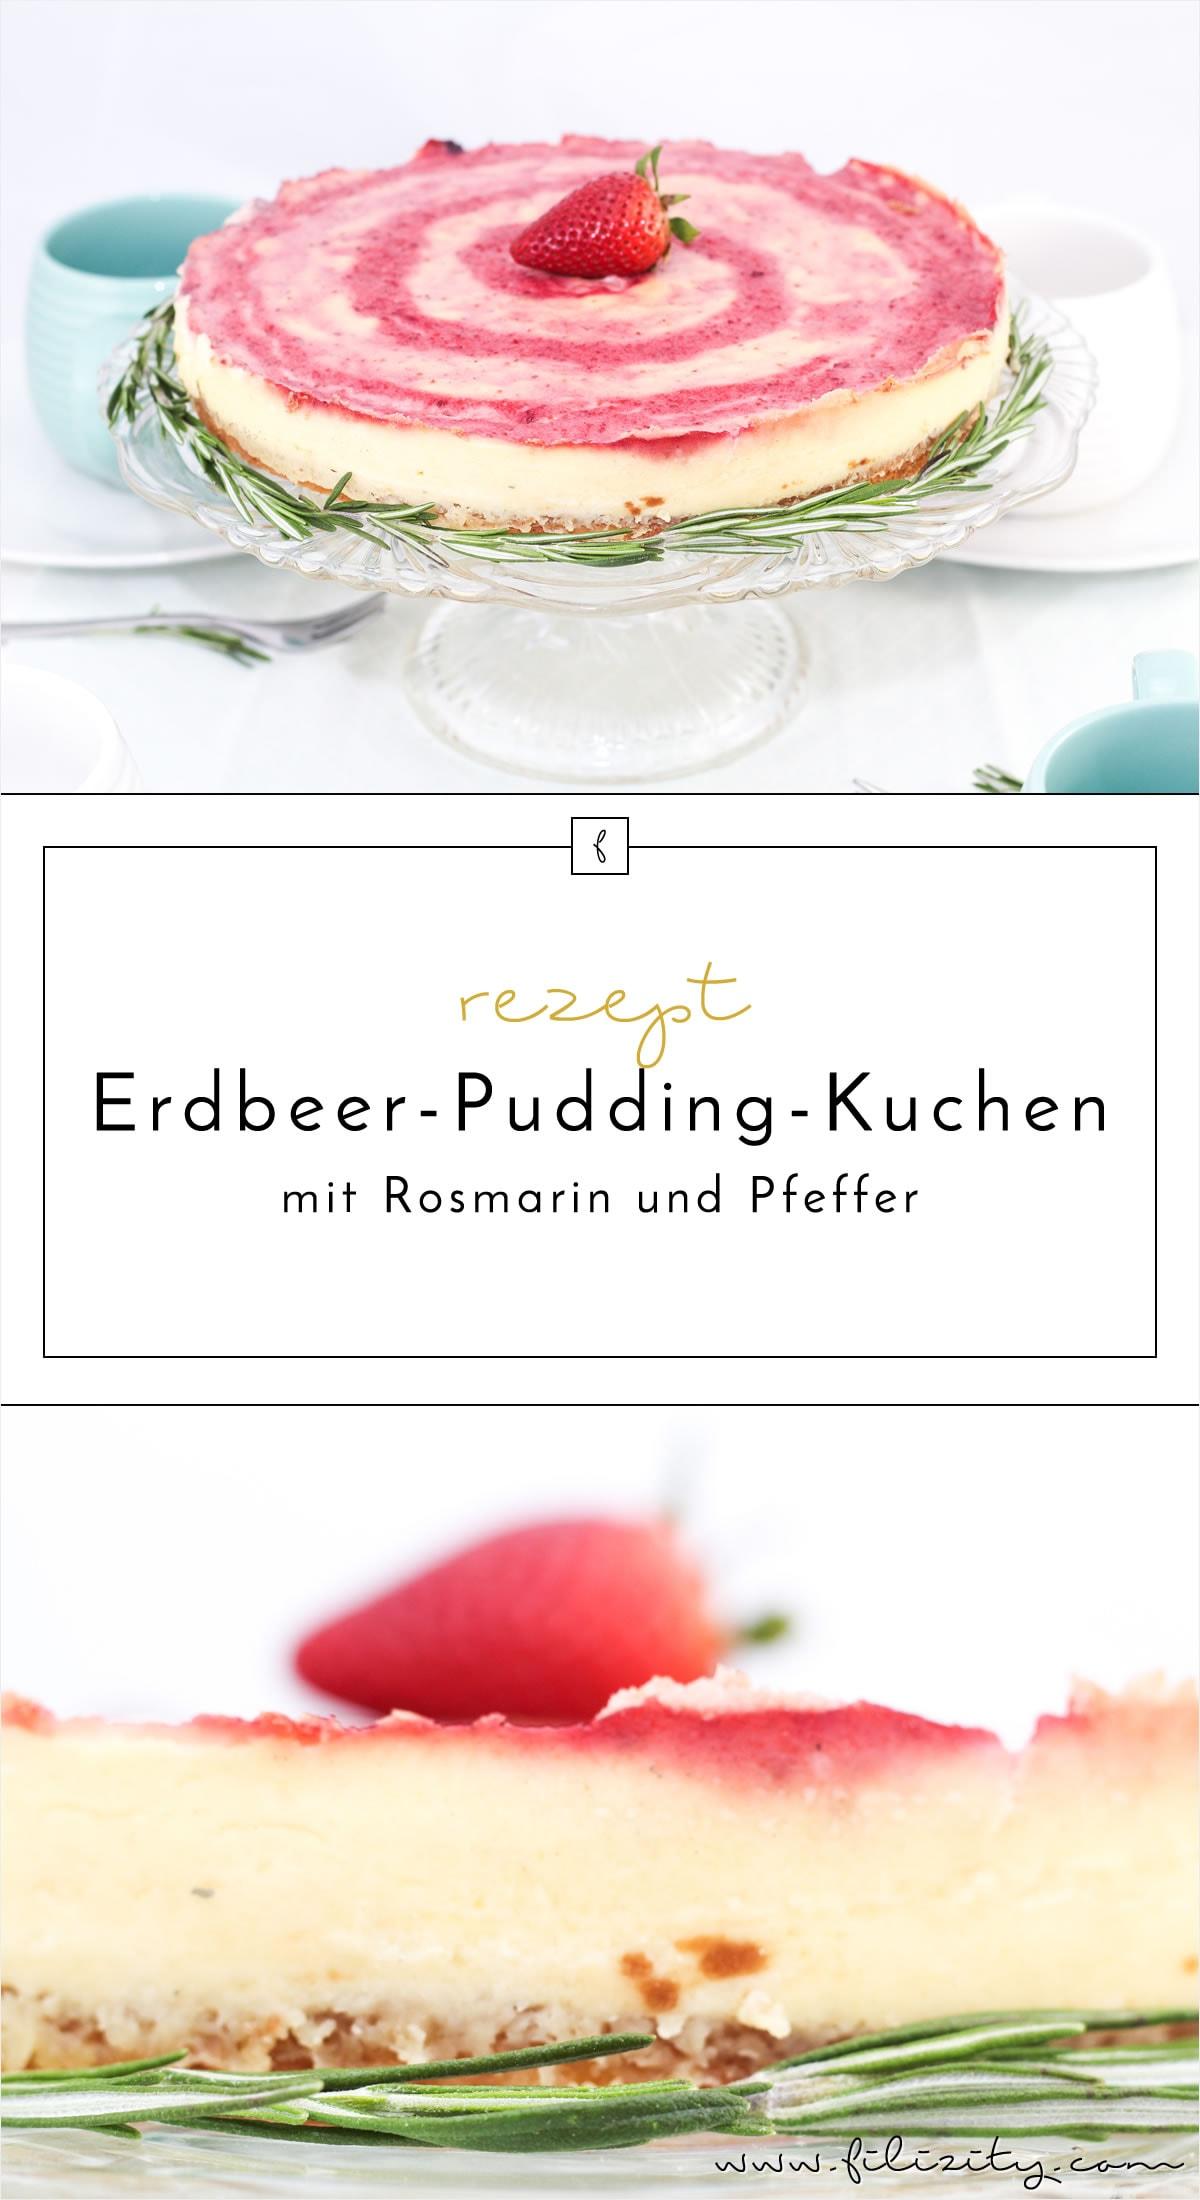 Erdbeer-Pudding-Kuchen mit Pfeffer und frischem Rosmarin  -  sommerliches Kuchenrezept für Experimentierfreudige